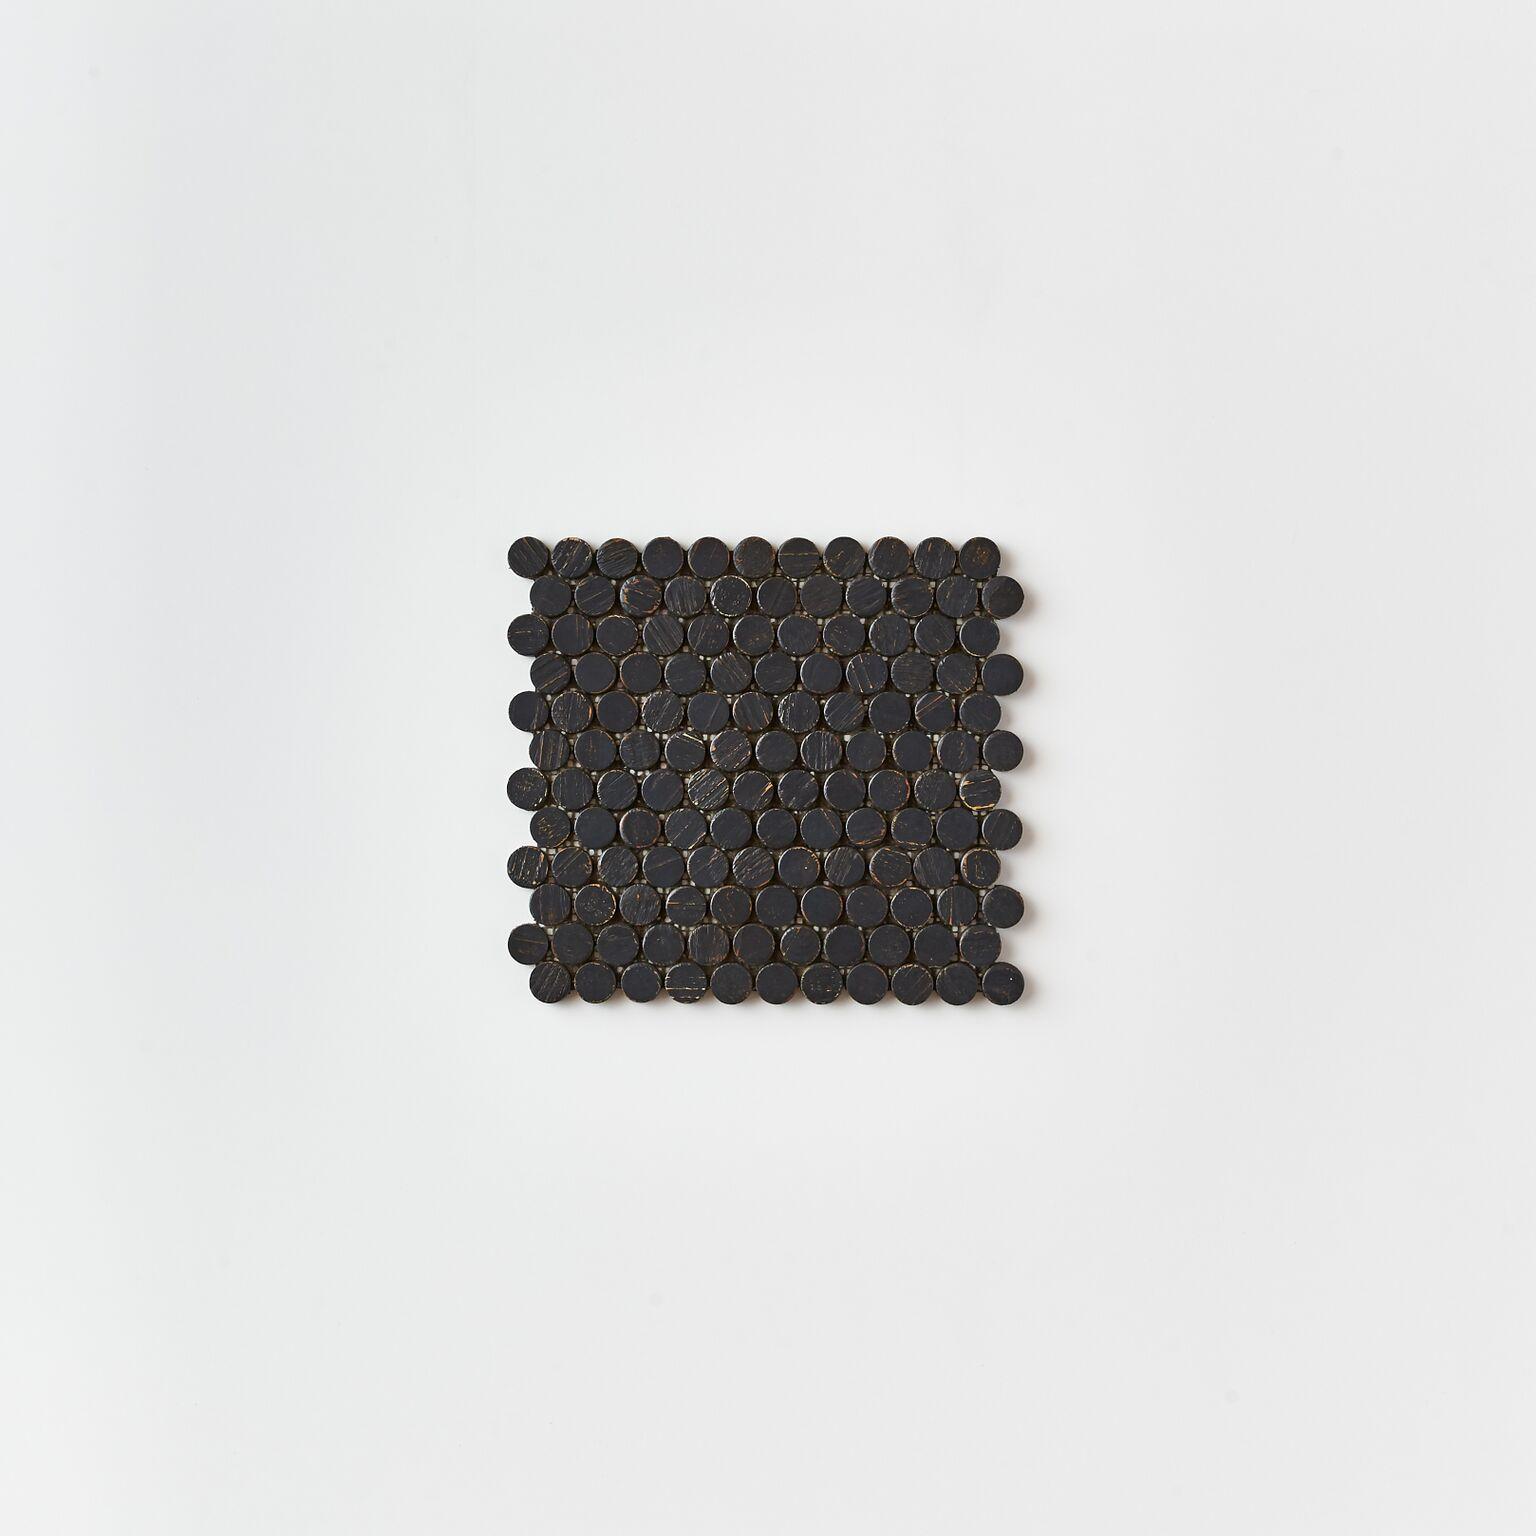 unspecified 10 - Teak Tile - Bead